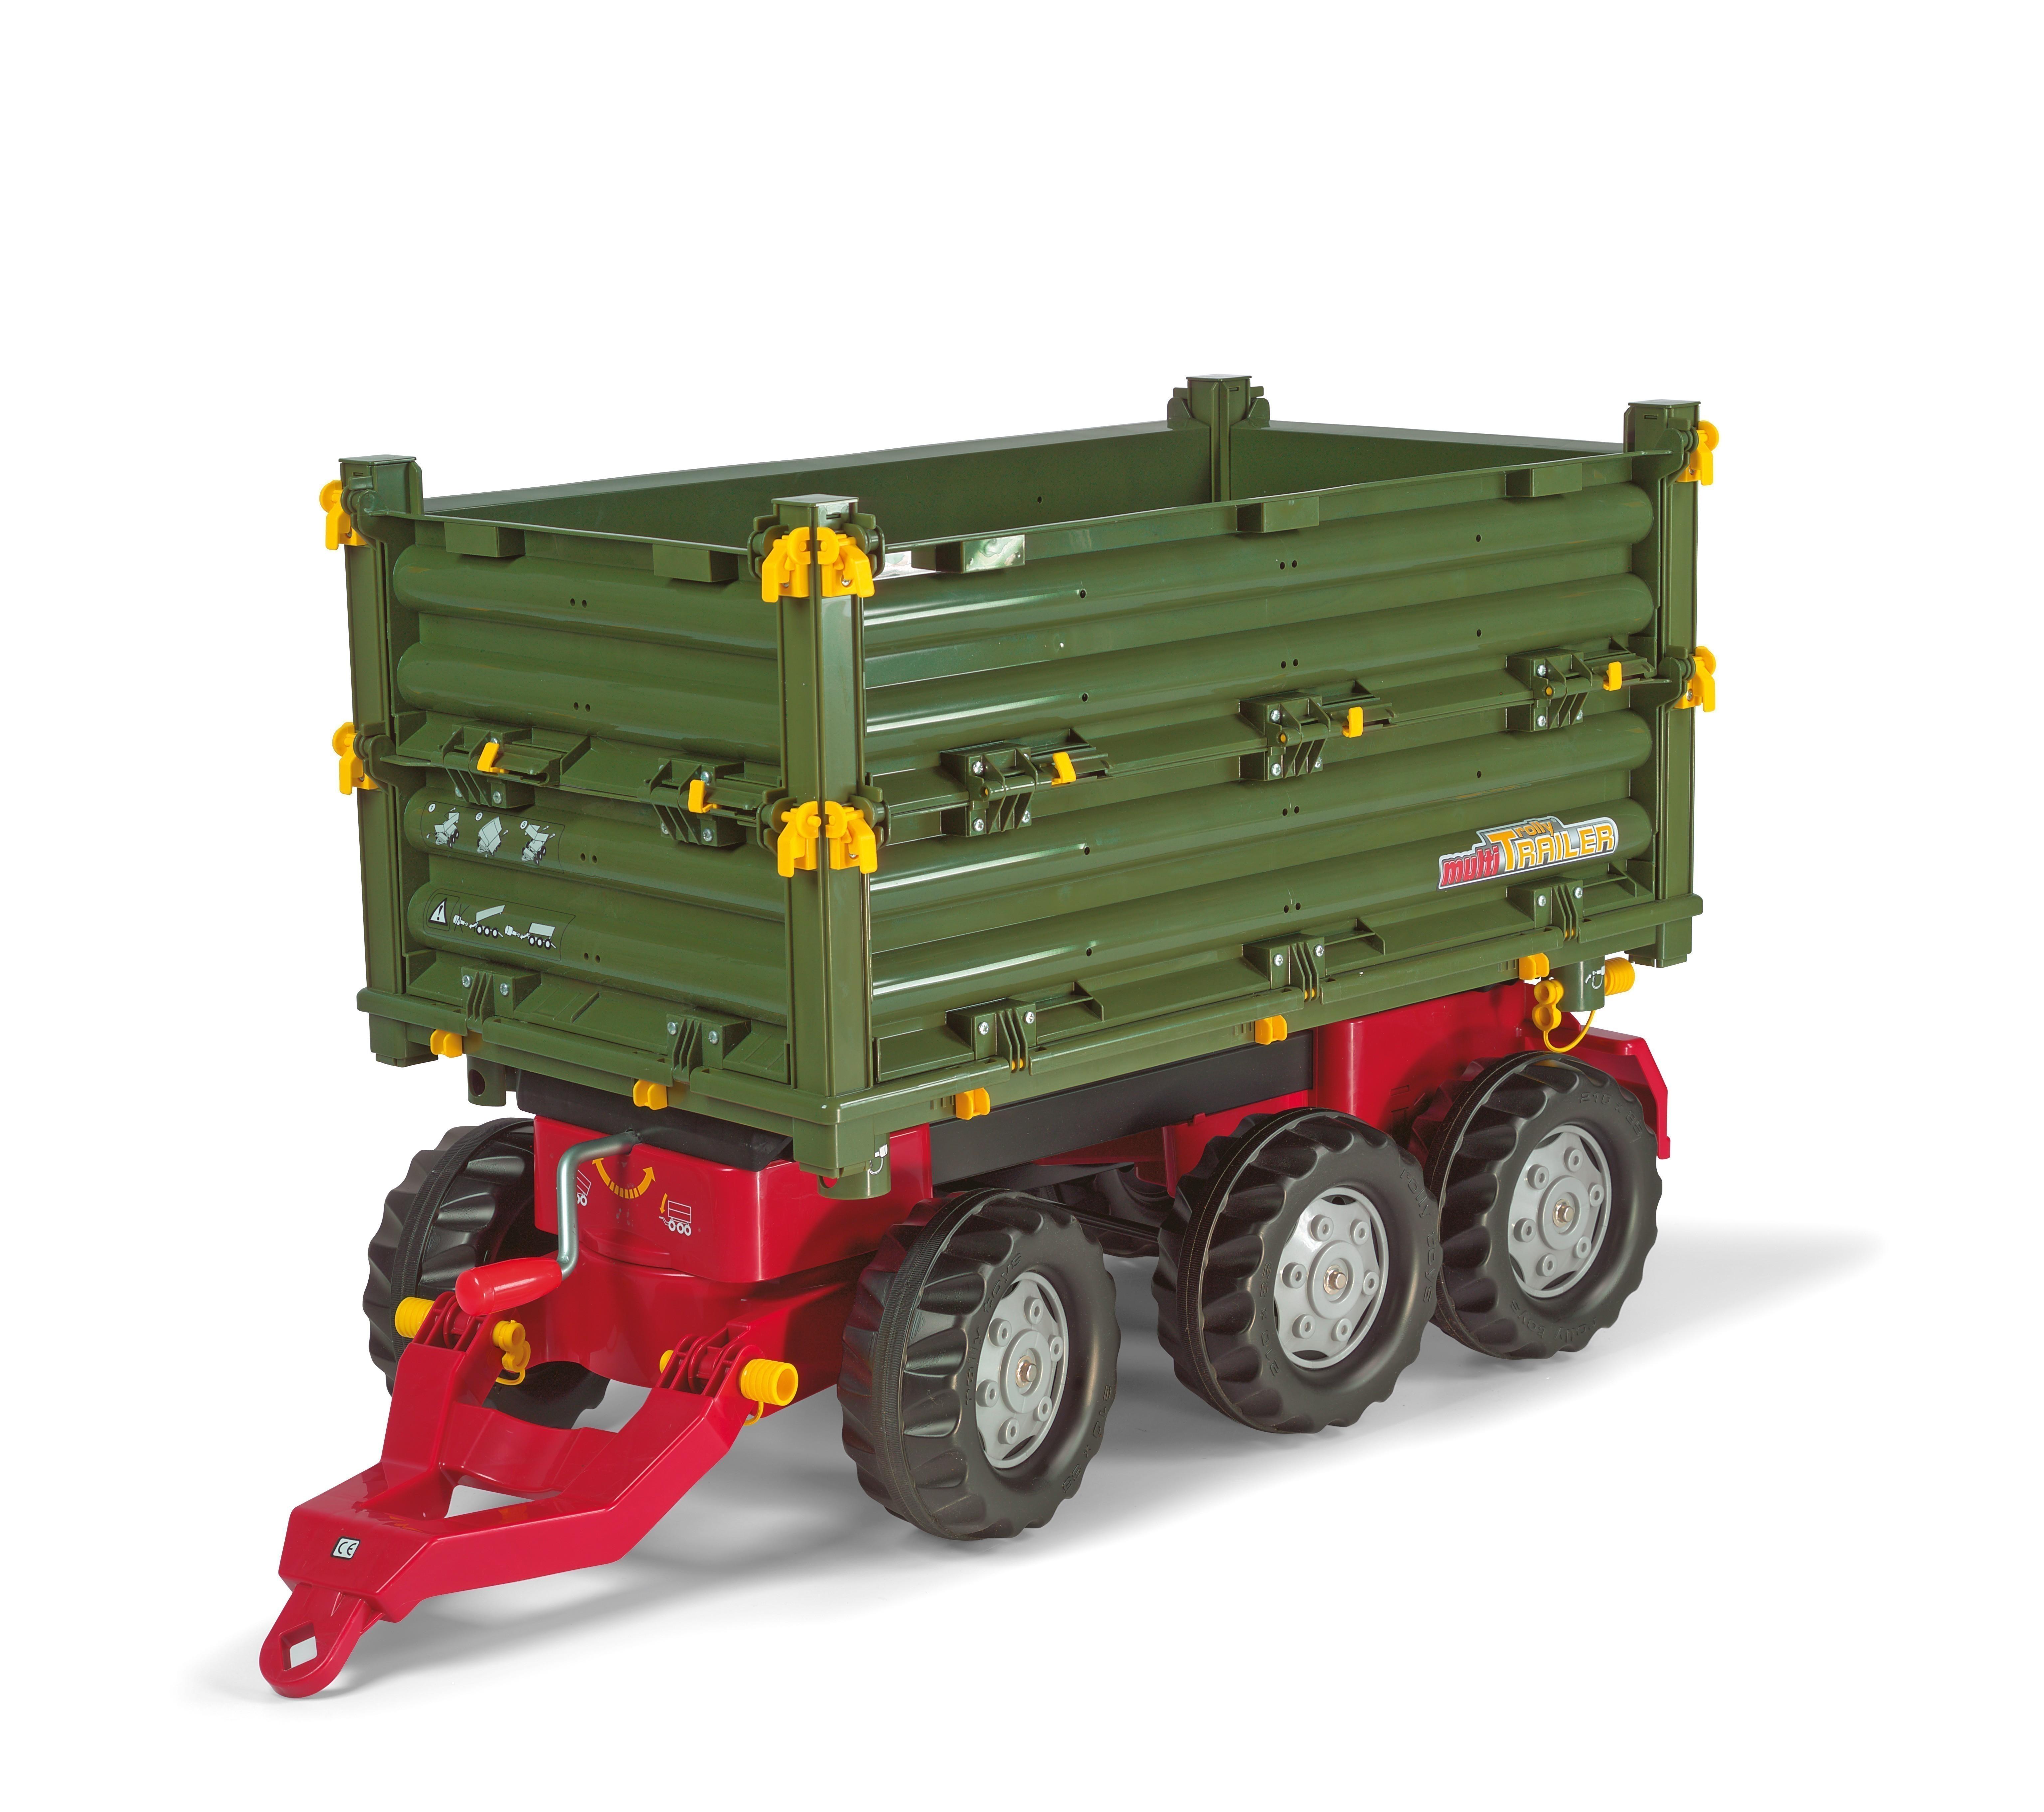 Anhänger für Tretfahrzeuge rolly Multi Trailer grün - Rolly Toys Bild 1